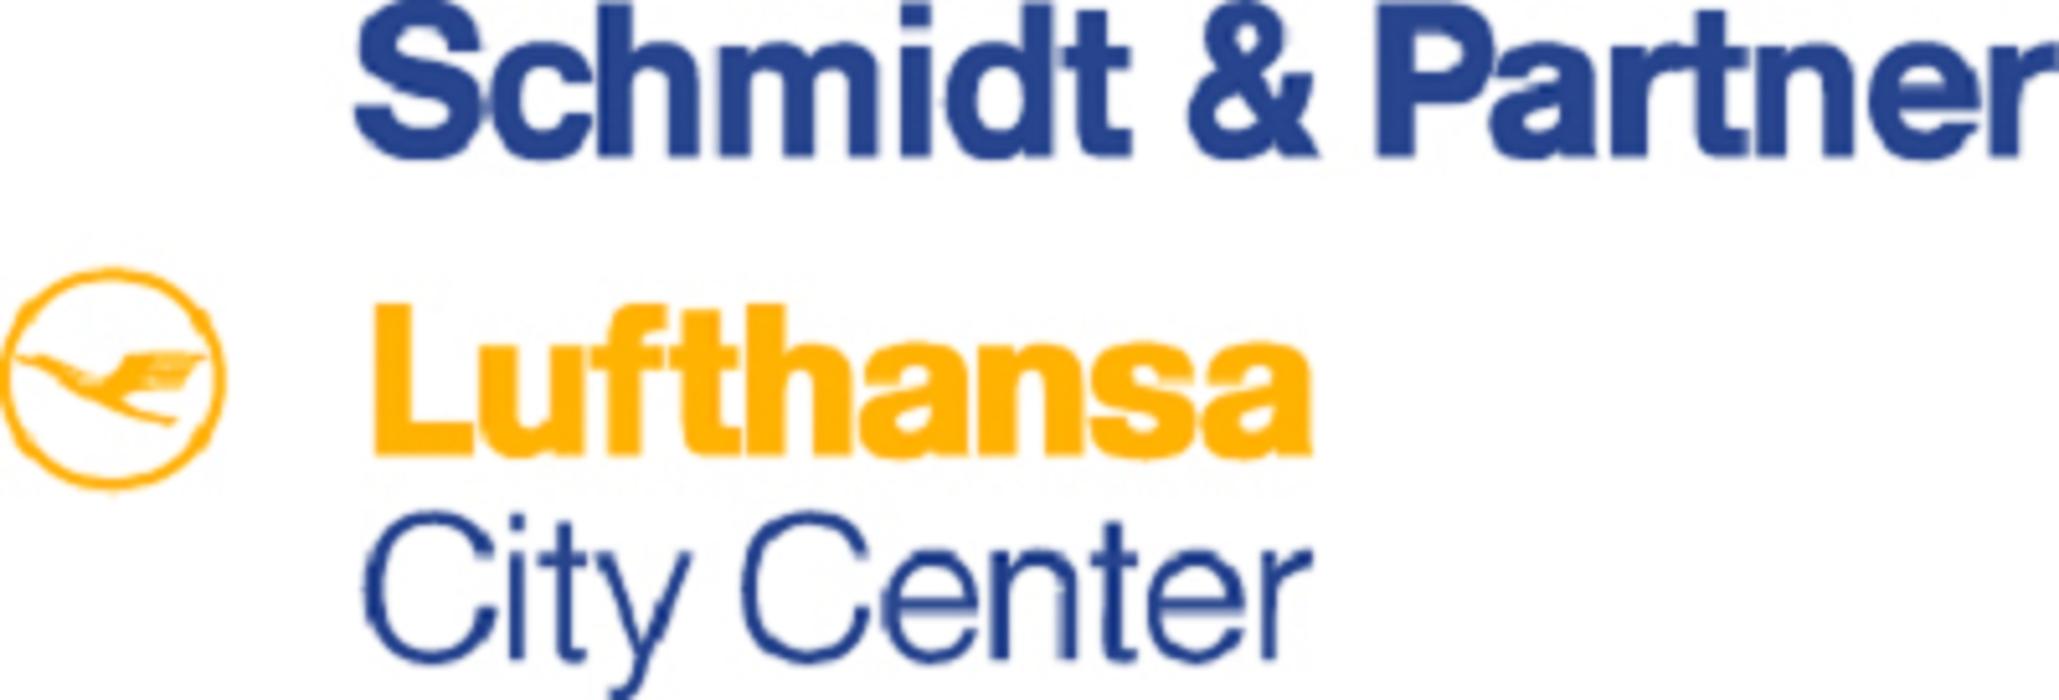 Bild zu Schmidt & Partner Reisebüro GmbH Lufthansa City Center in Bochum